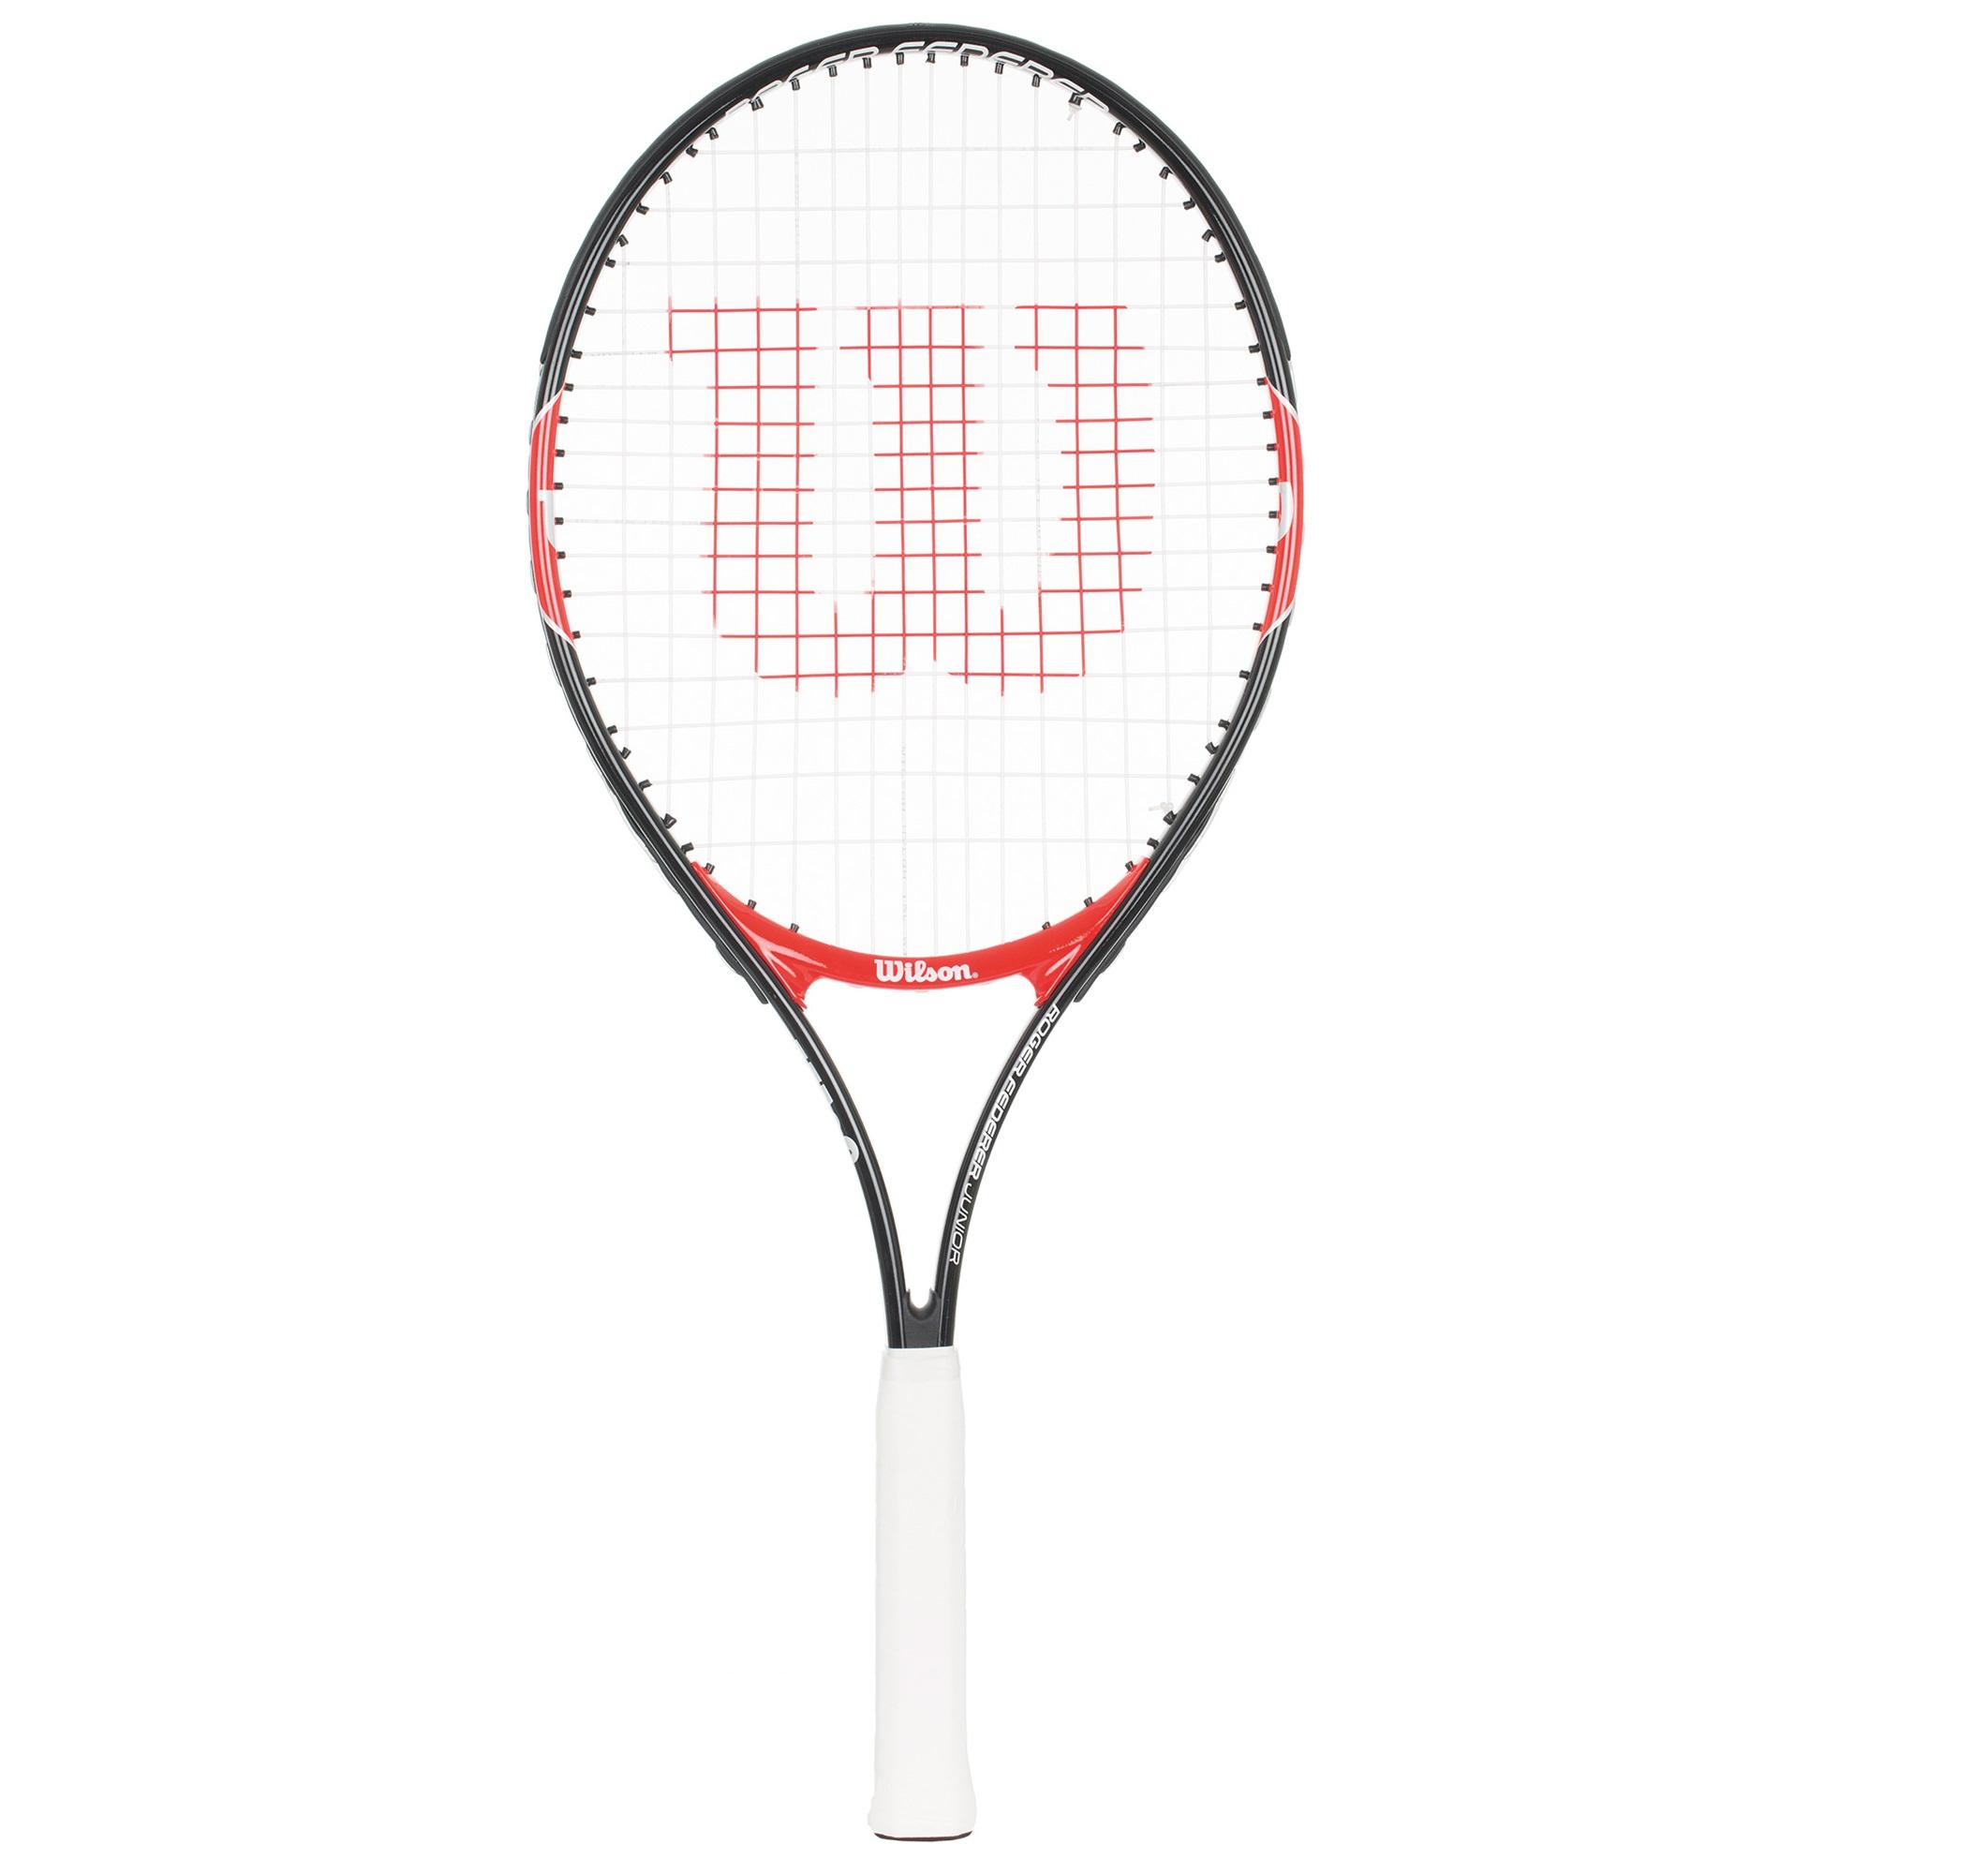 Wilson Ракетка для большого тенниса детская Wilson Roger Federer 25 wilson ракетка для большого тенниса детская wilson roger federer 23 размер без размера